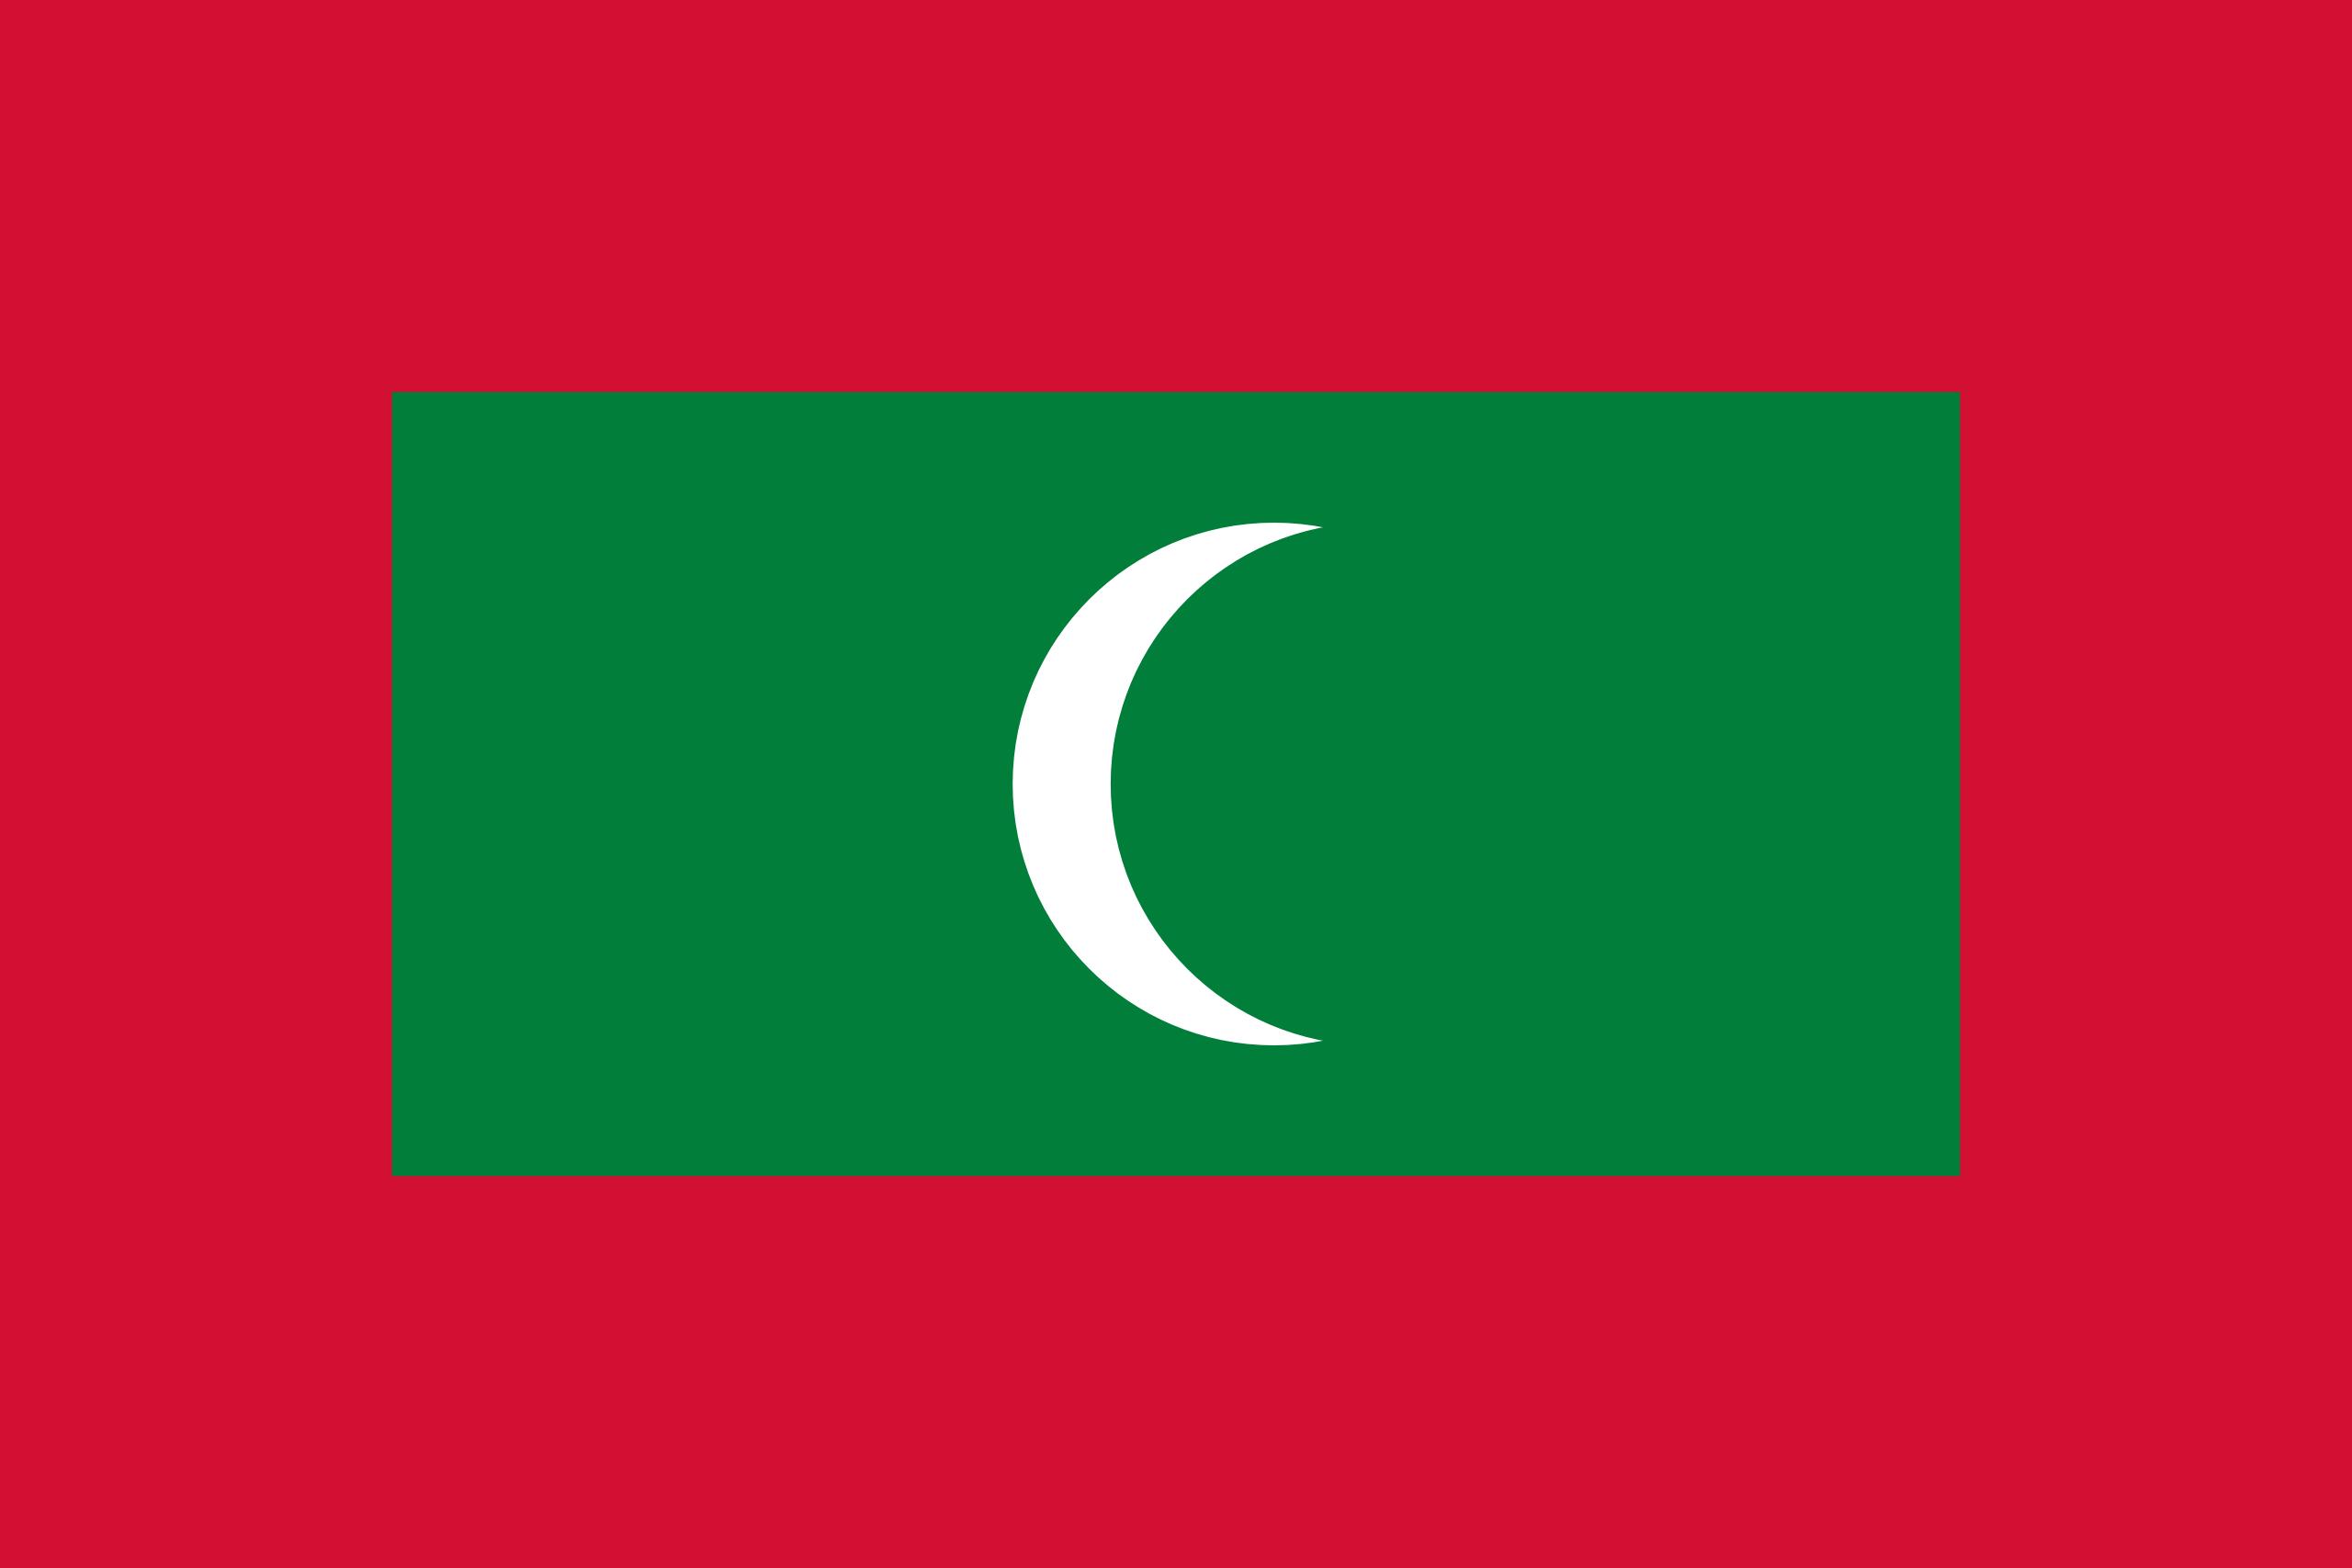 Maldives, pays, emblème, logo, symbole - Fonds d'écran HD - Professor-falken.com